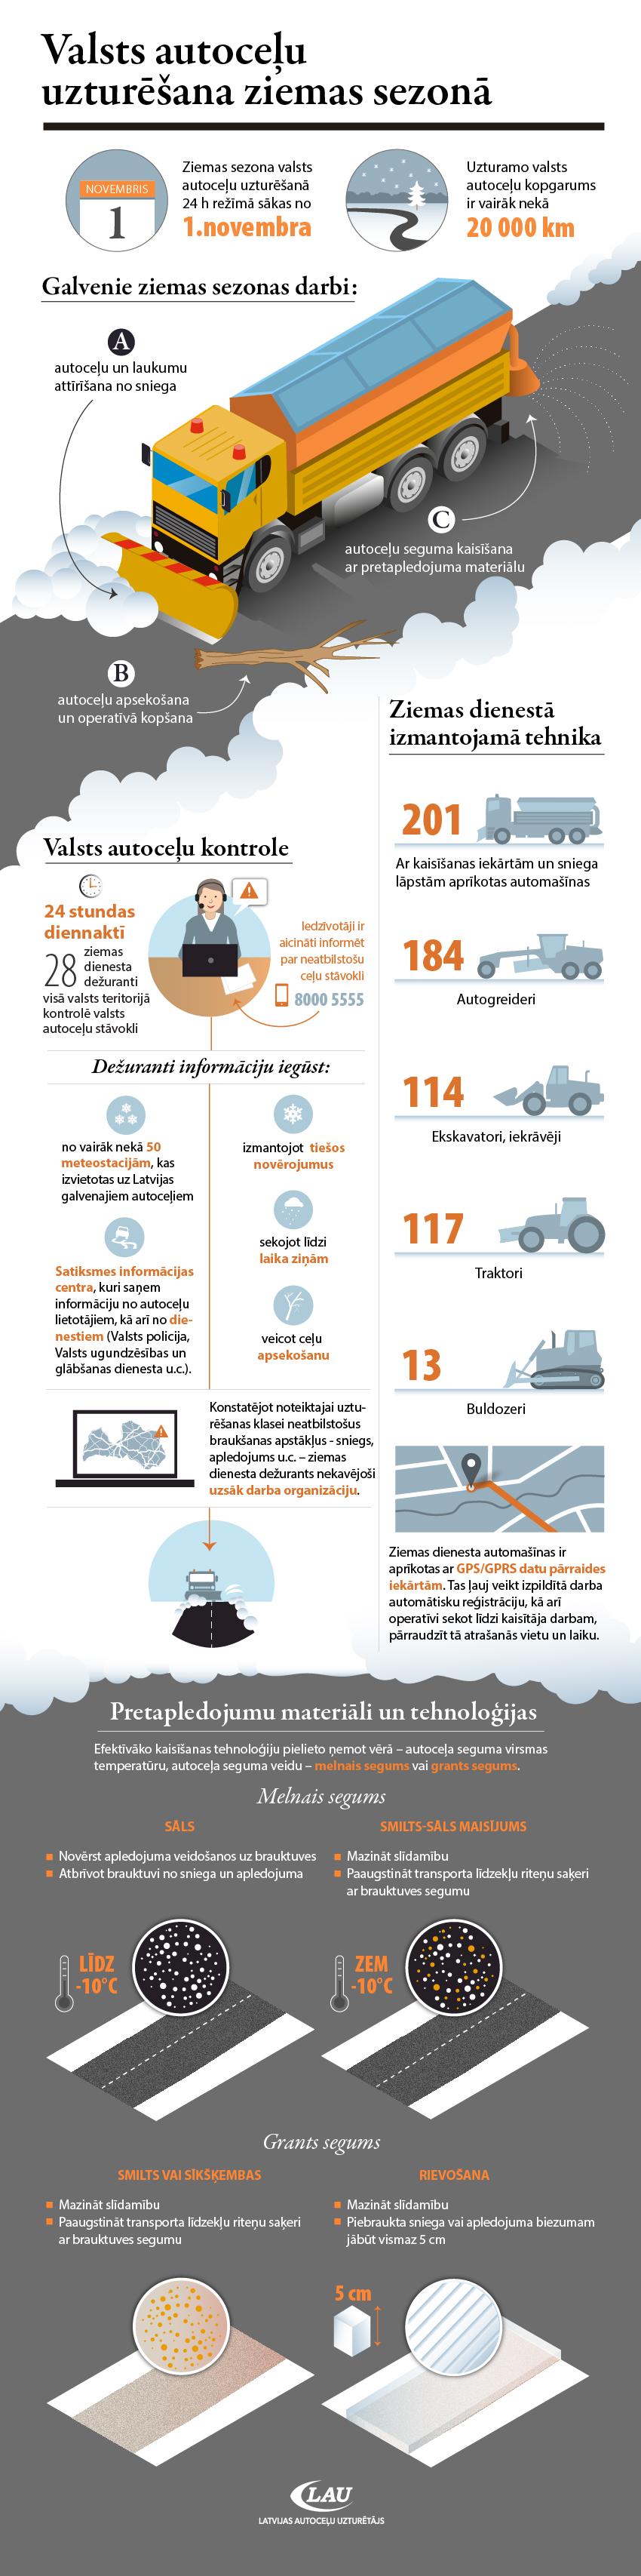 Infografika: Valsts autoceļu uzturēšana ziemas sezonā